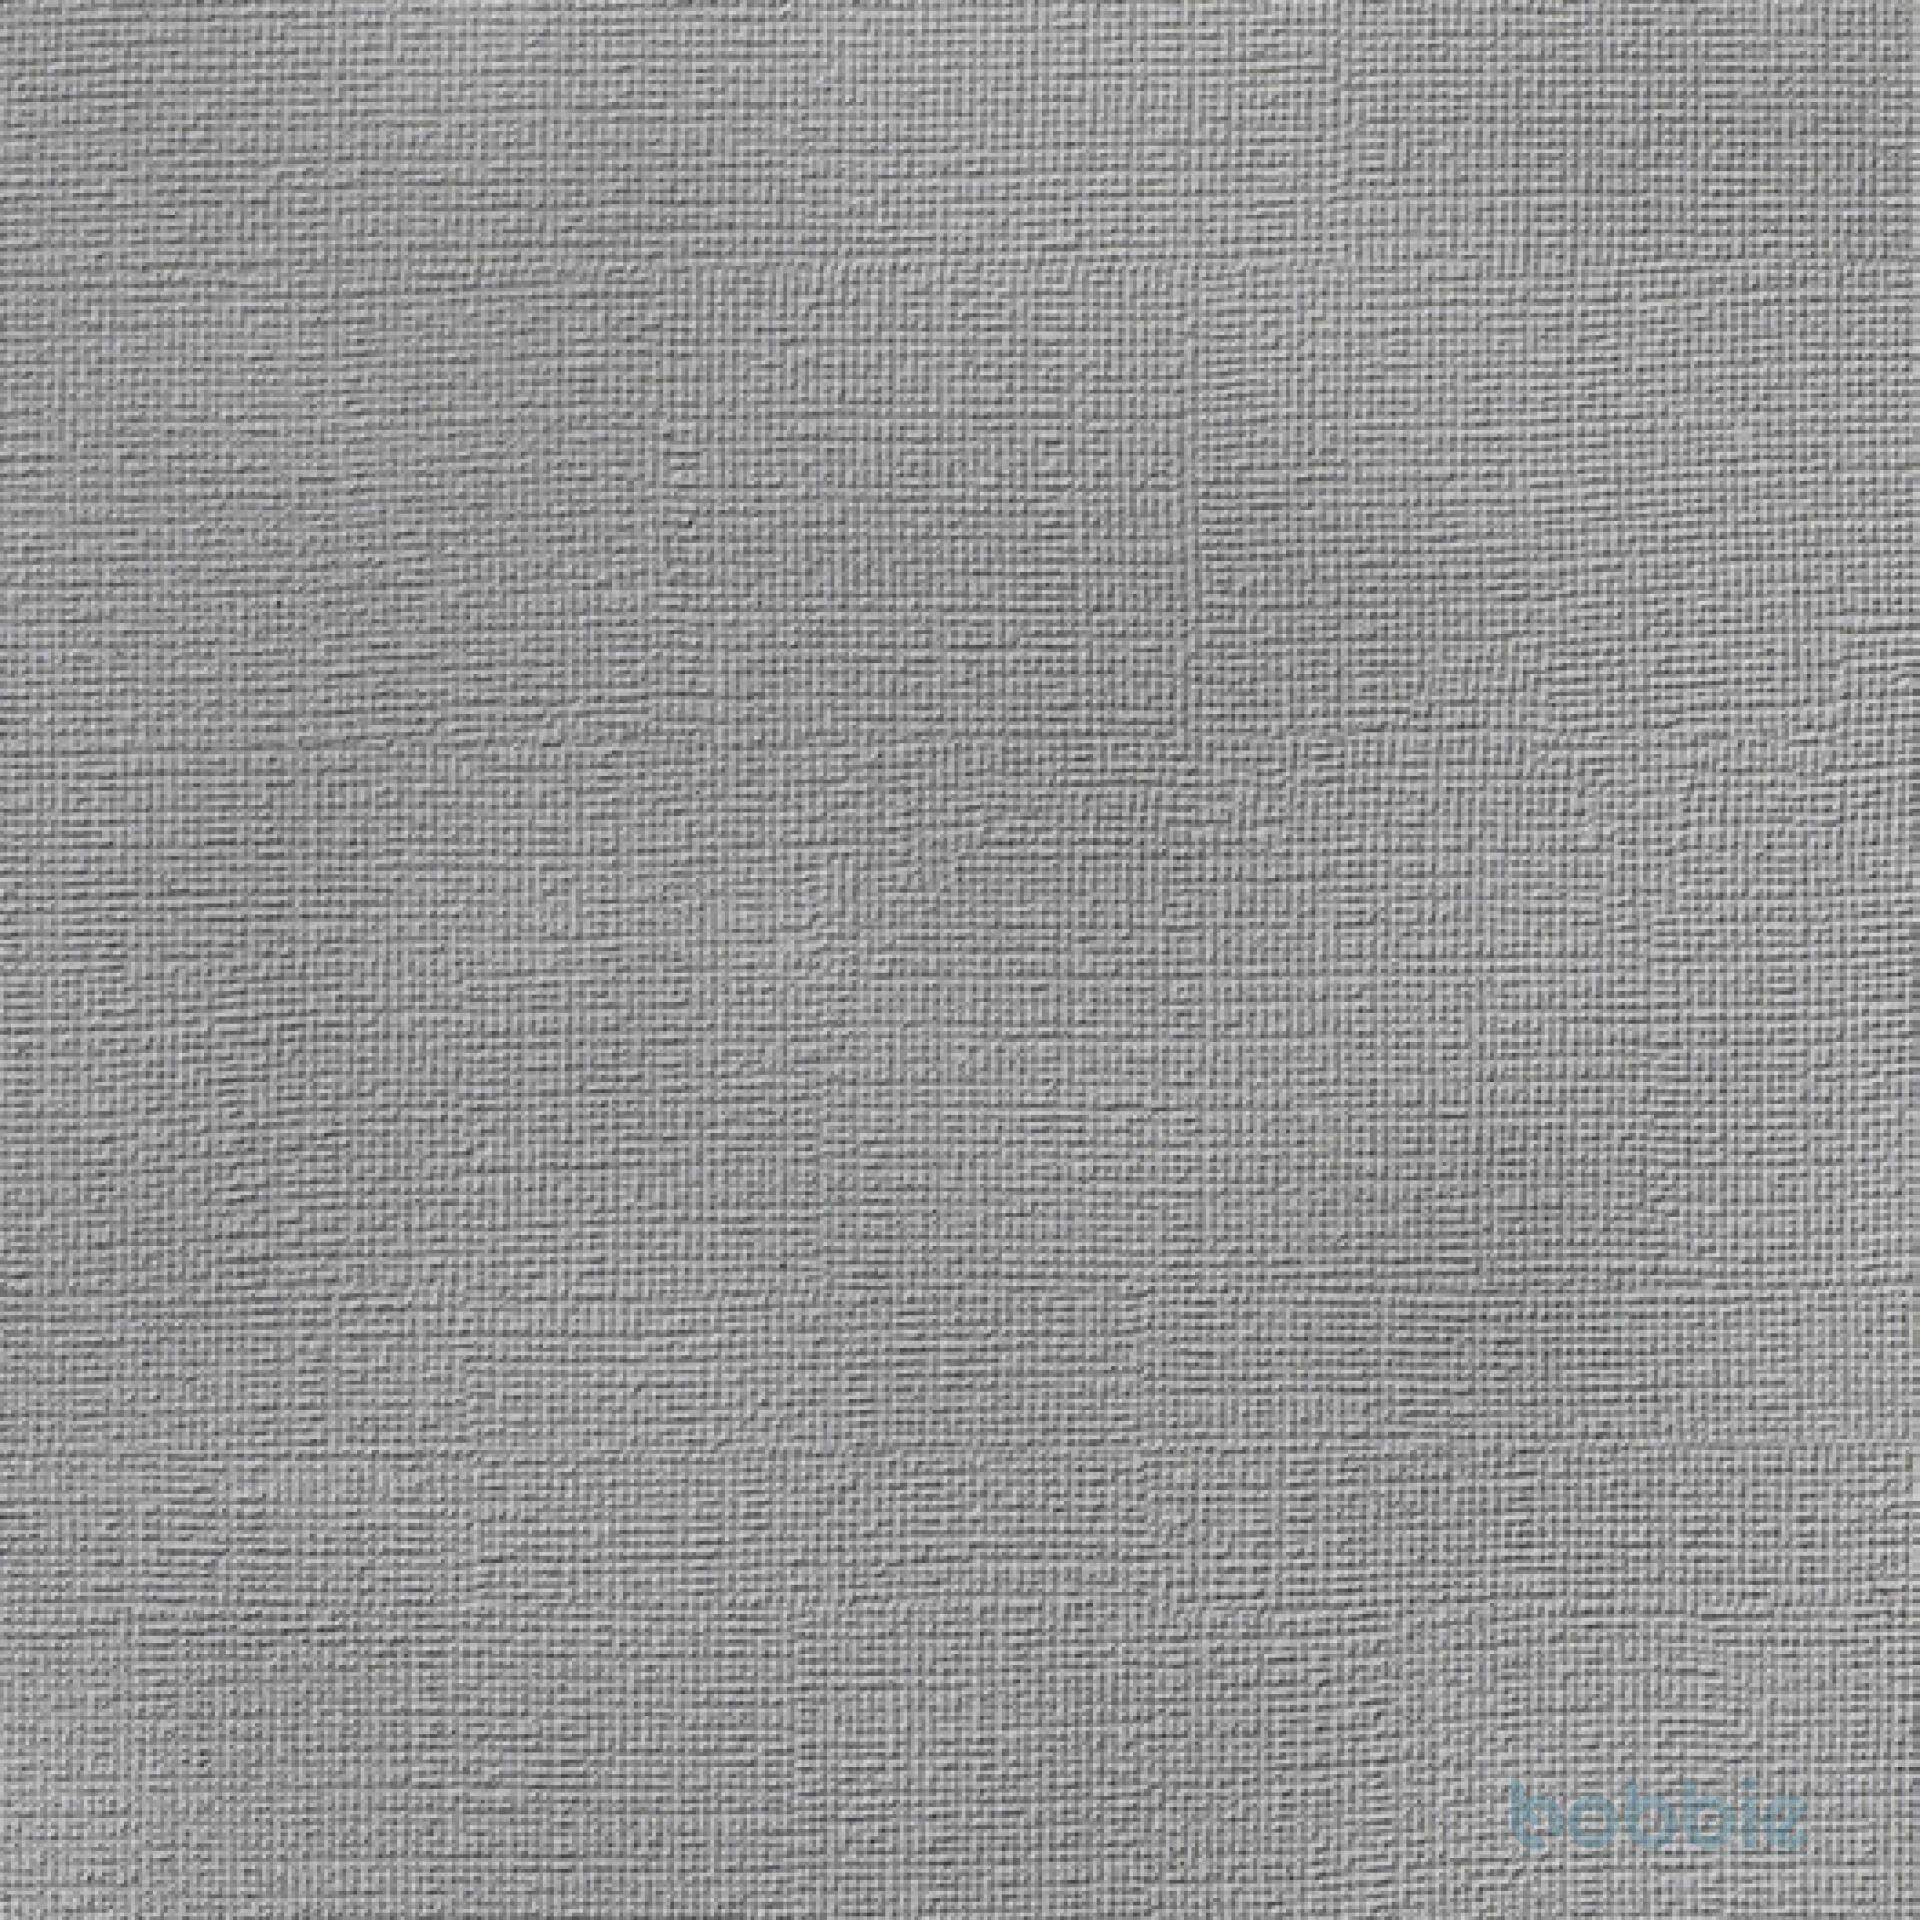 Platten, CEMENTO® Sisal, 743x743x45, Asche